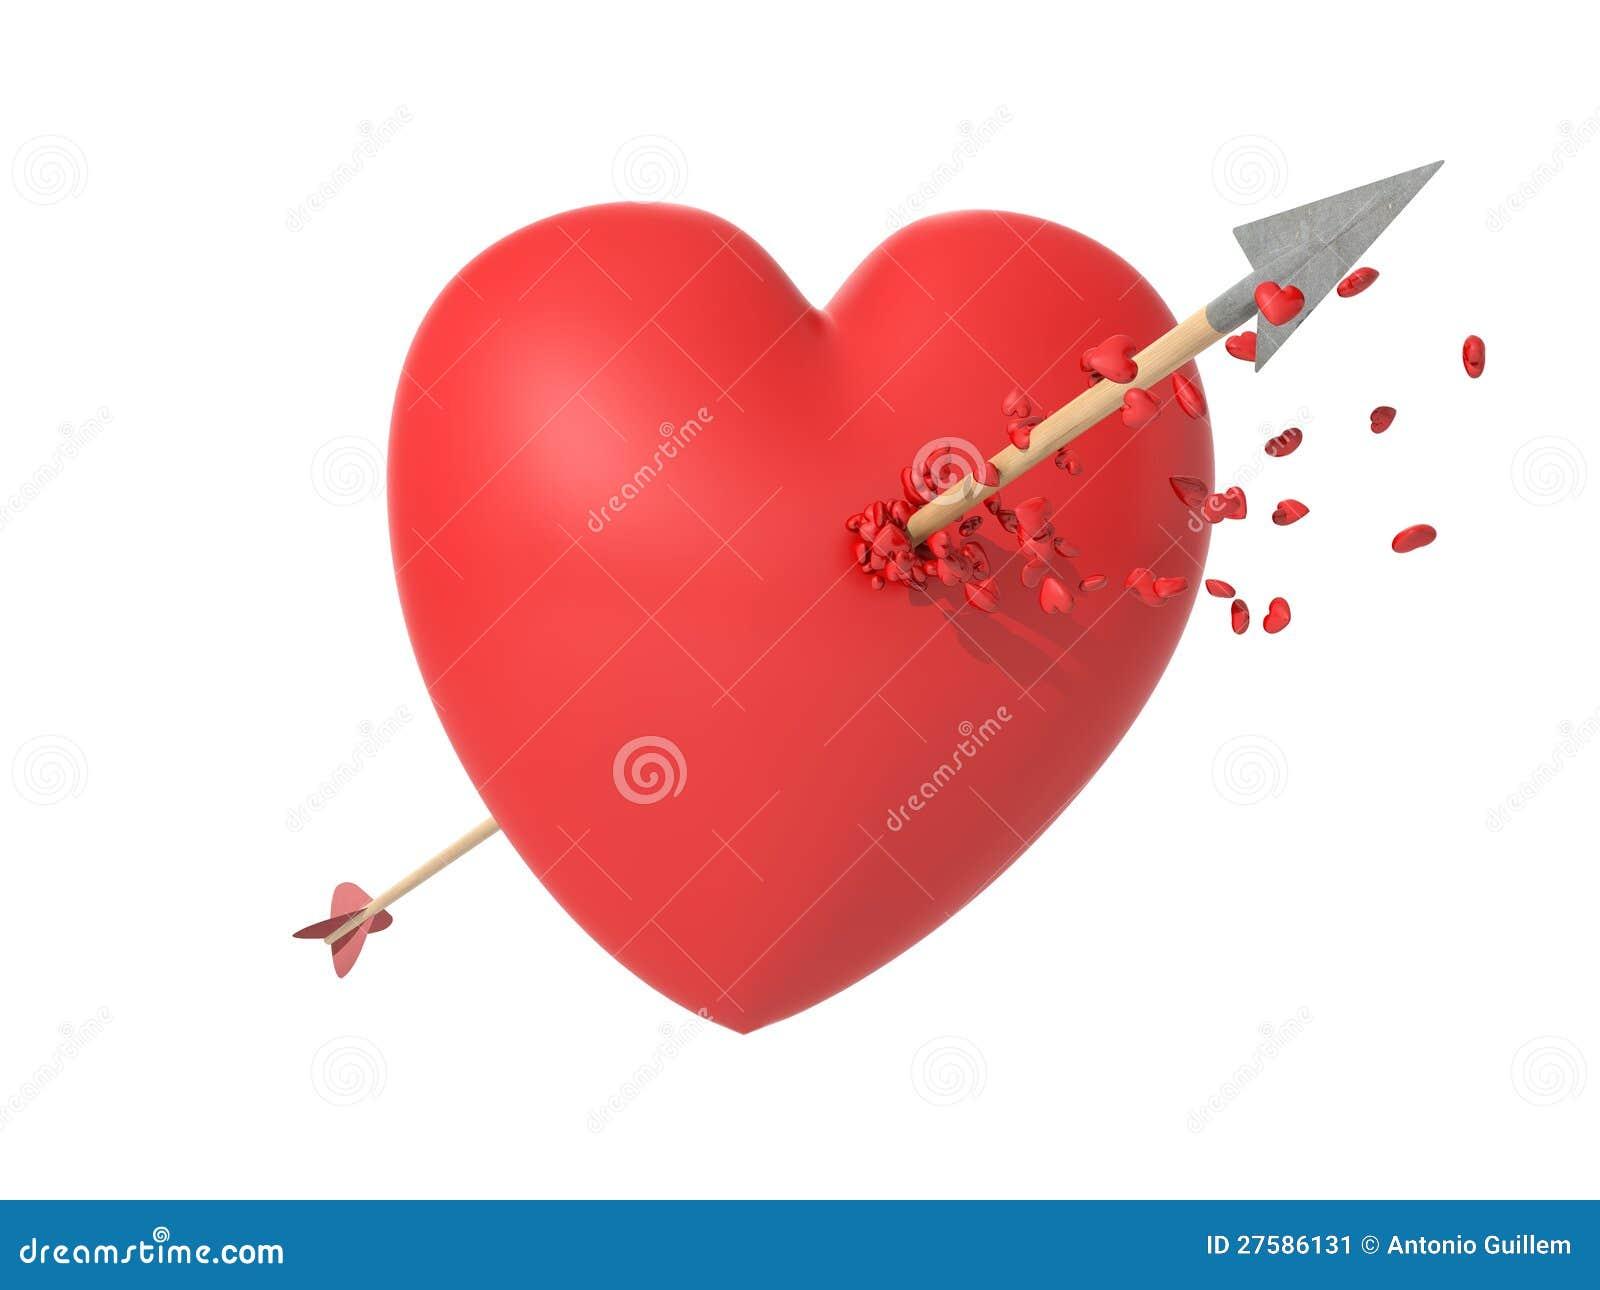 gay enuendo in heart is a